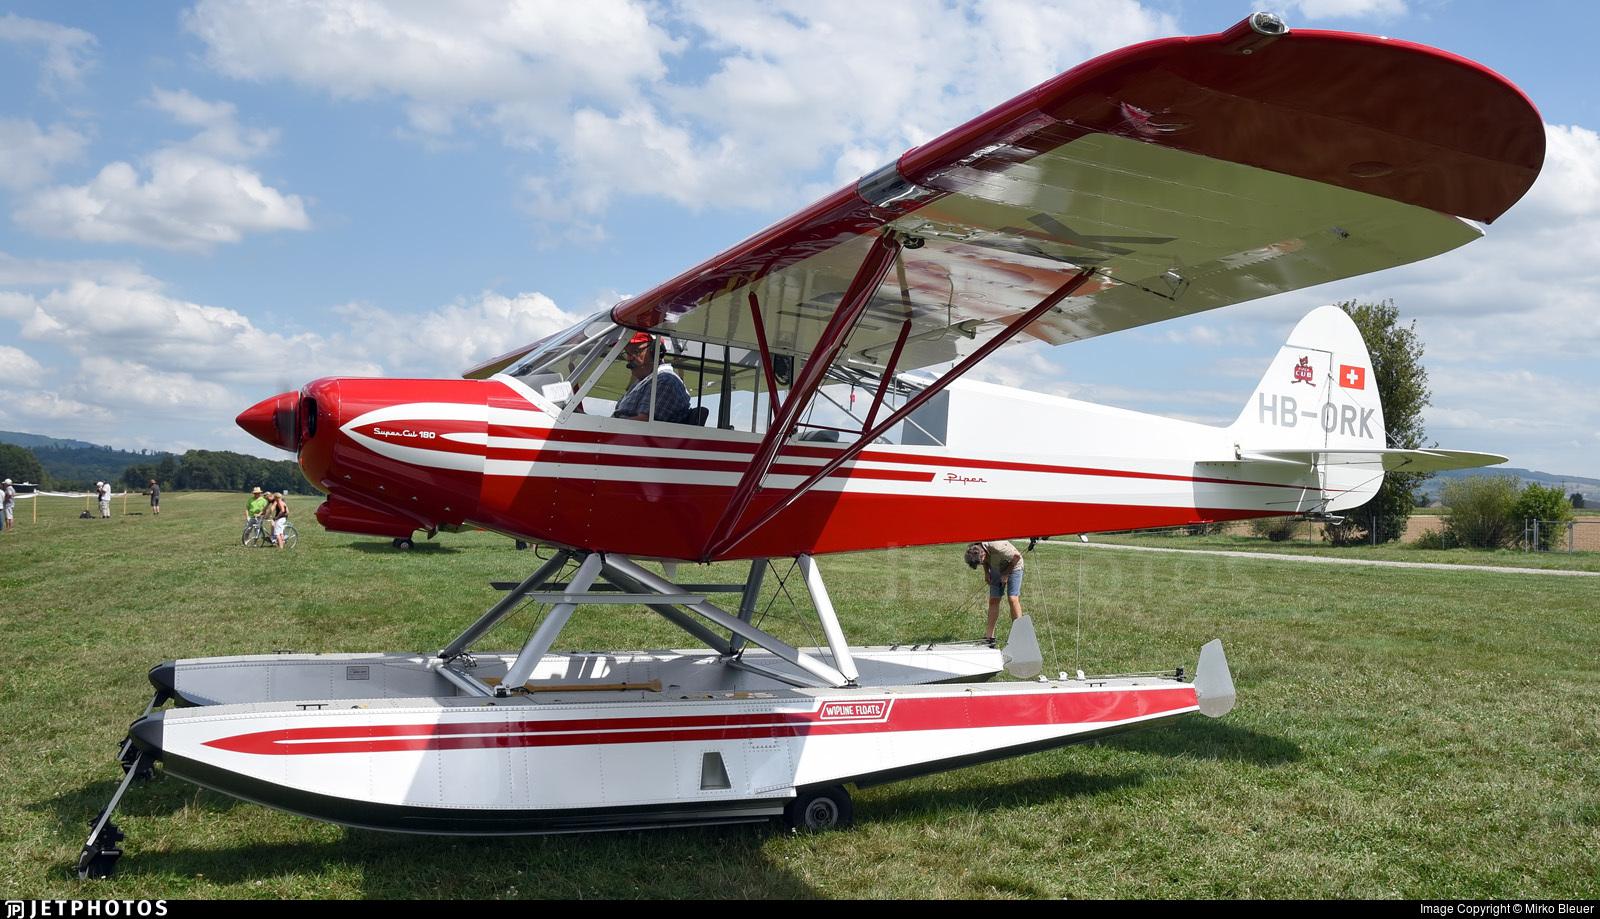 HB-ORK - Piper PA-18-180M Super Cub - Private